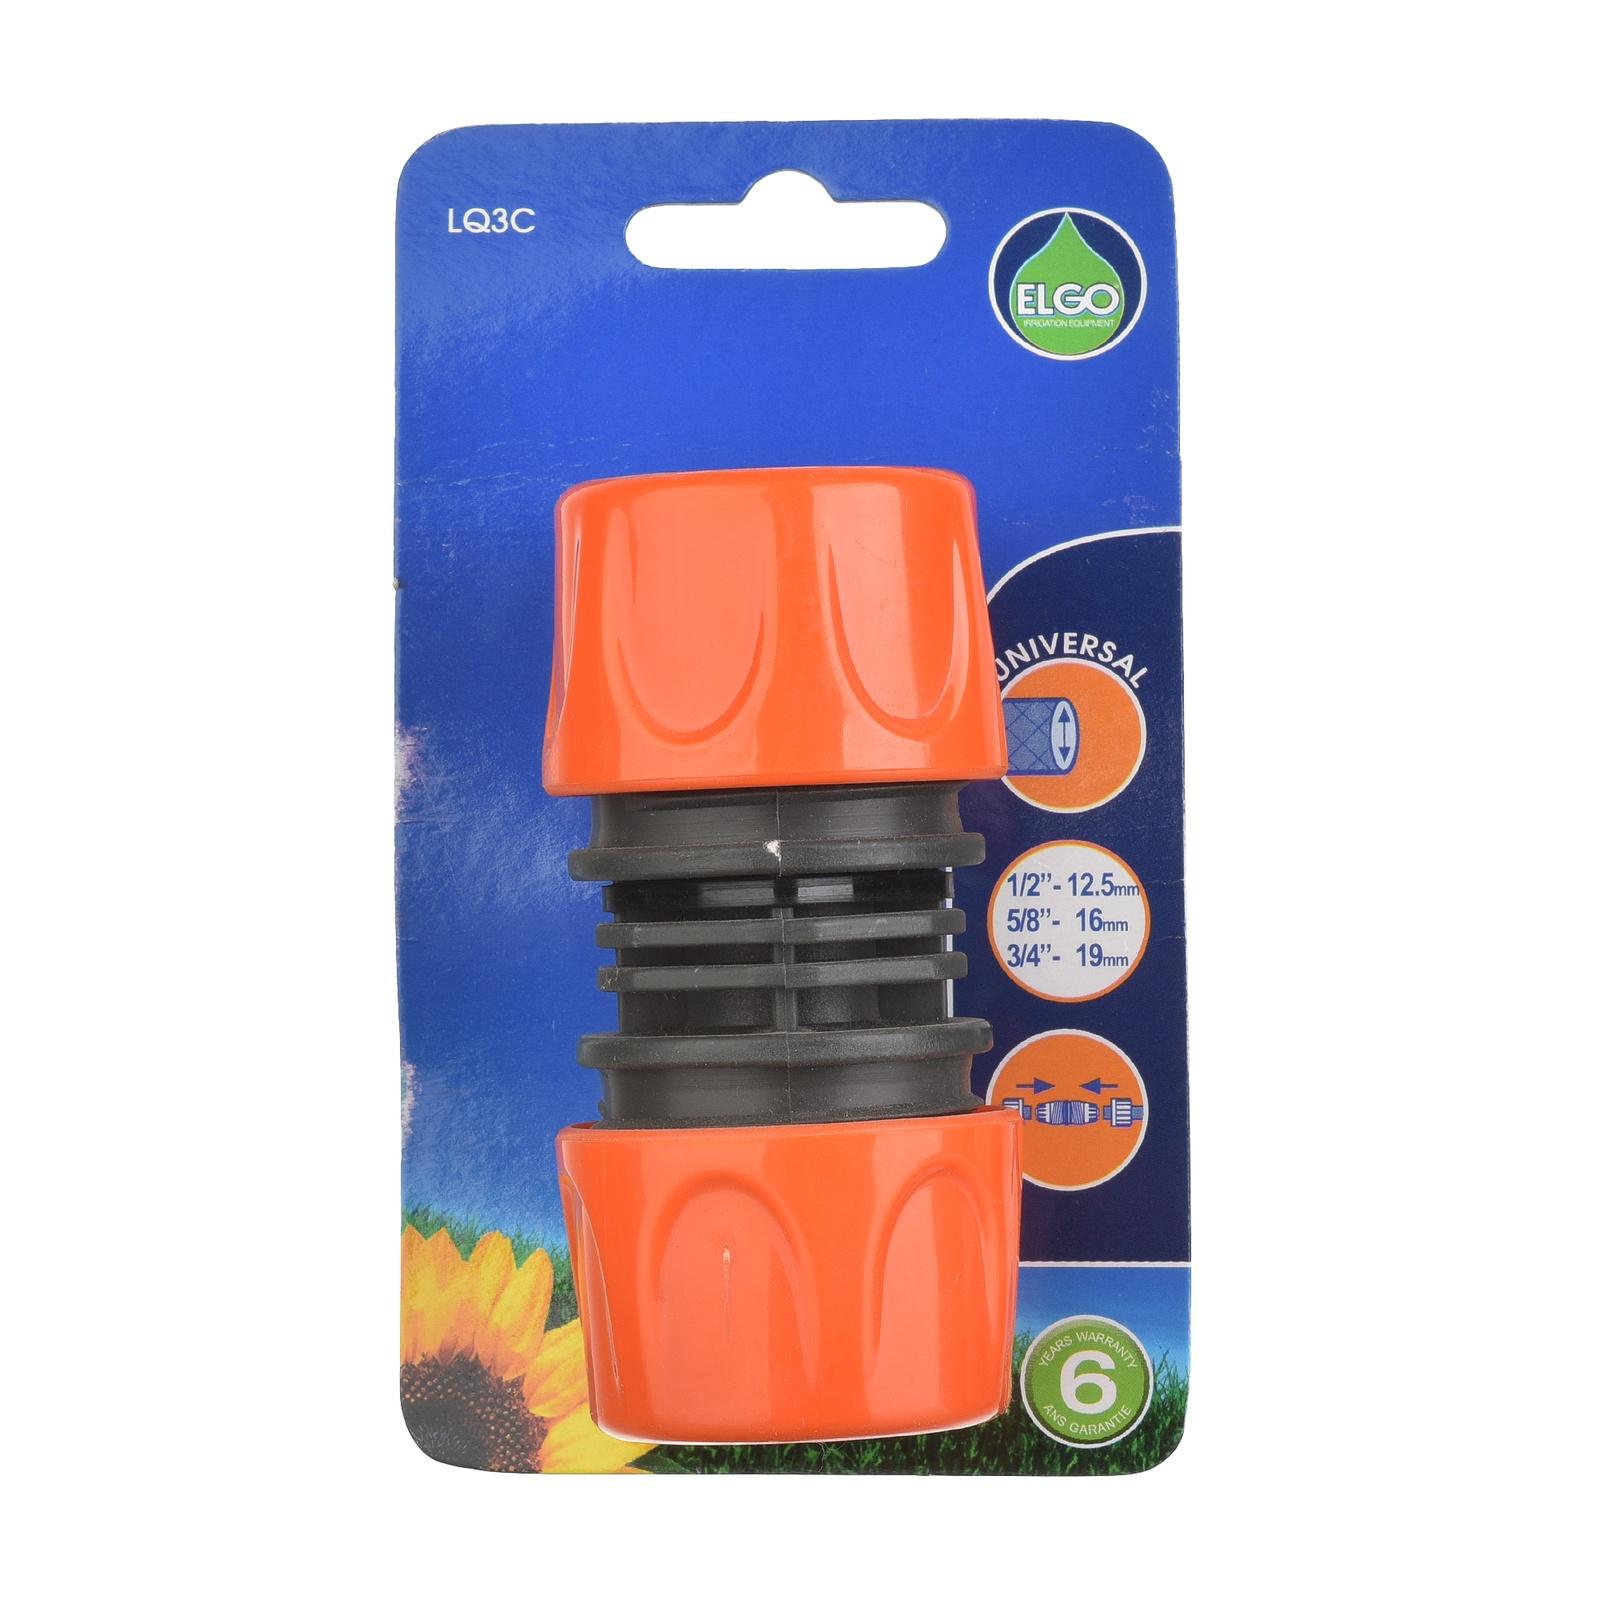 Коннектор шланга ELGO LQ3C, оранжевый муфта ремонтная пластиковая двухкомпонентная fit цвет серо оранжевый 1 2 3 4